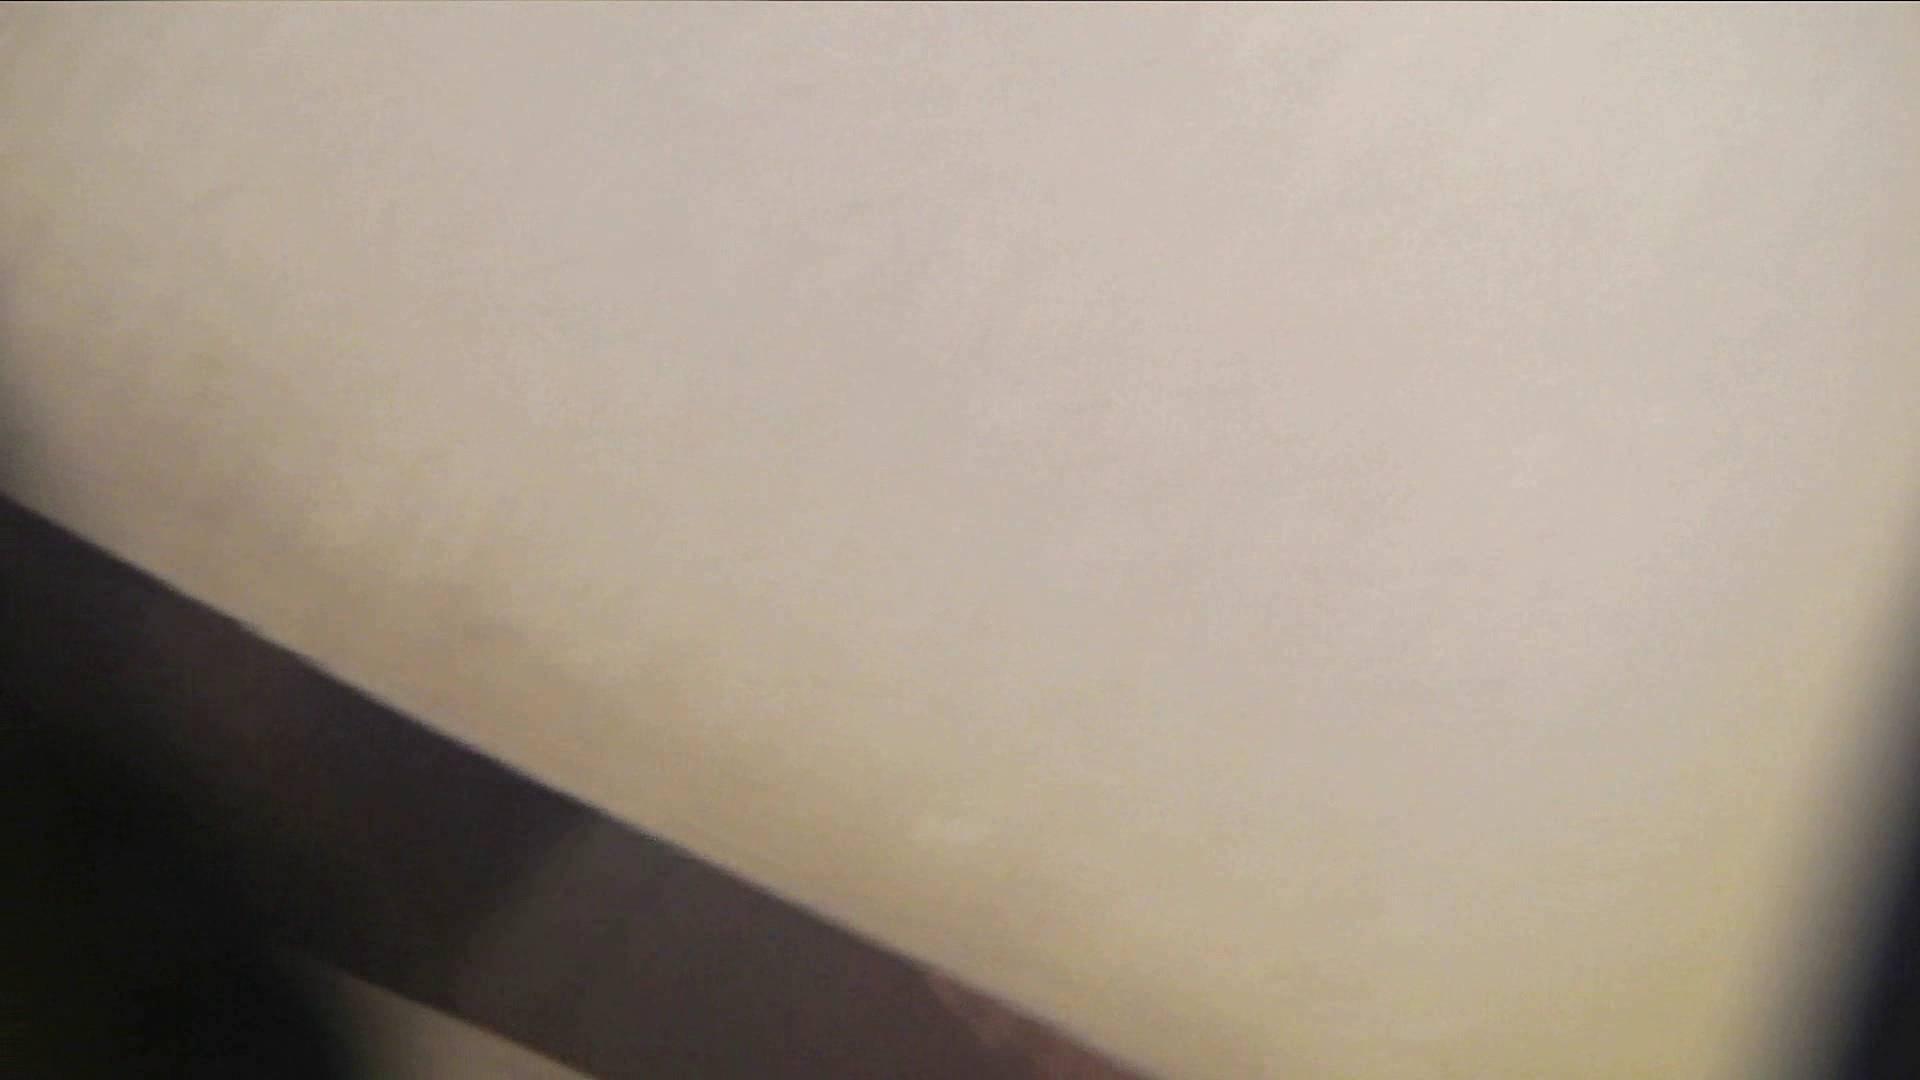 阿国ちゃんの「和式洋式七変化」No.6 洗面所 | 和式  81PIX 61